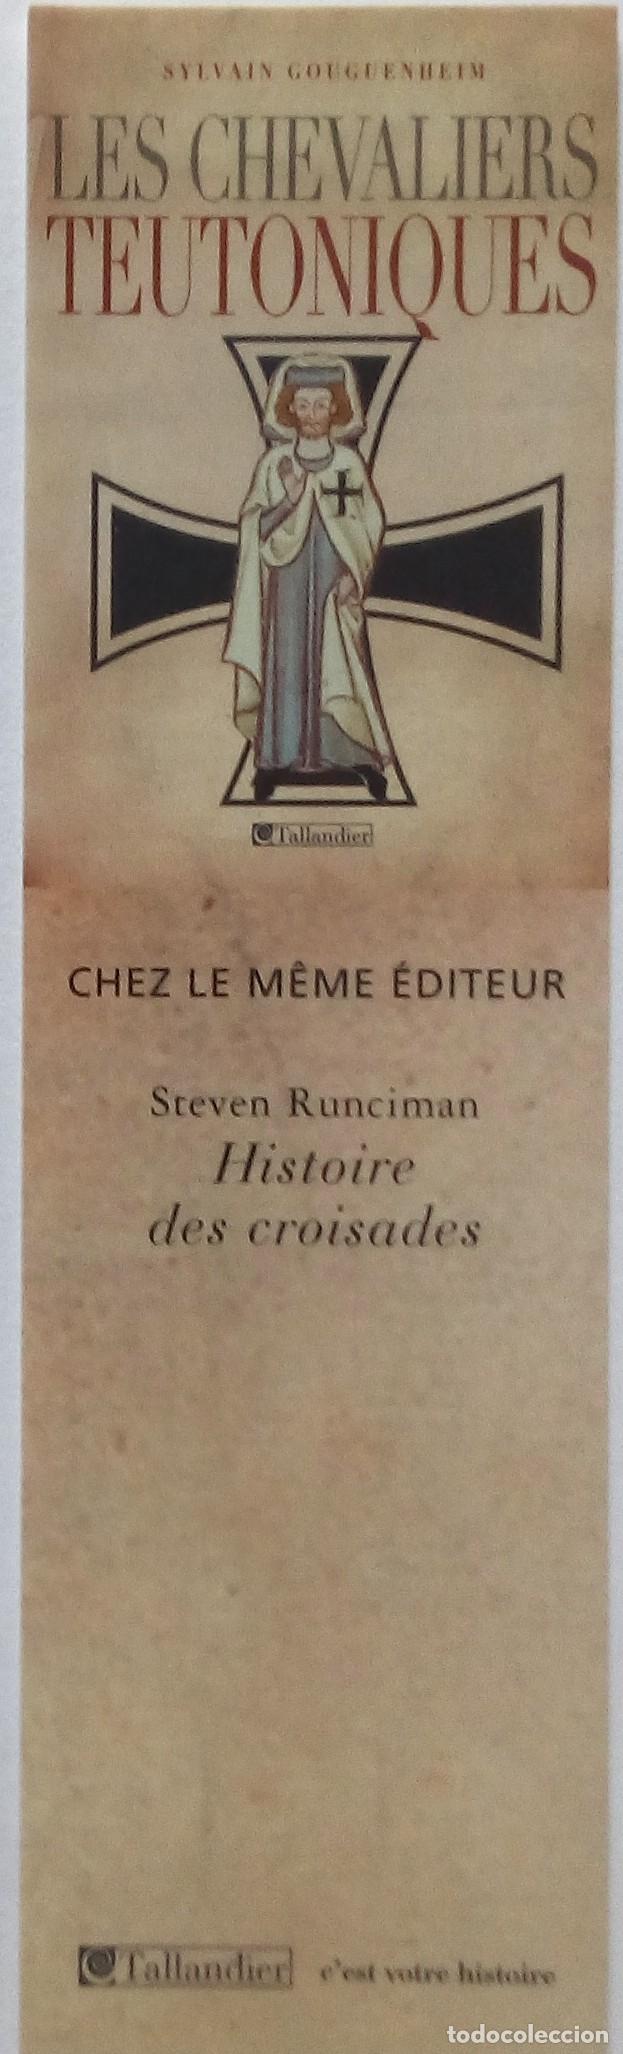 MARCAPÁGINAS EDITORIAL TALLANDIER- (Coleccionismo - Marcapáginas)